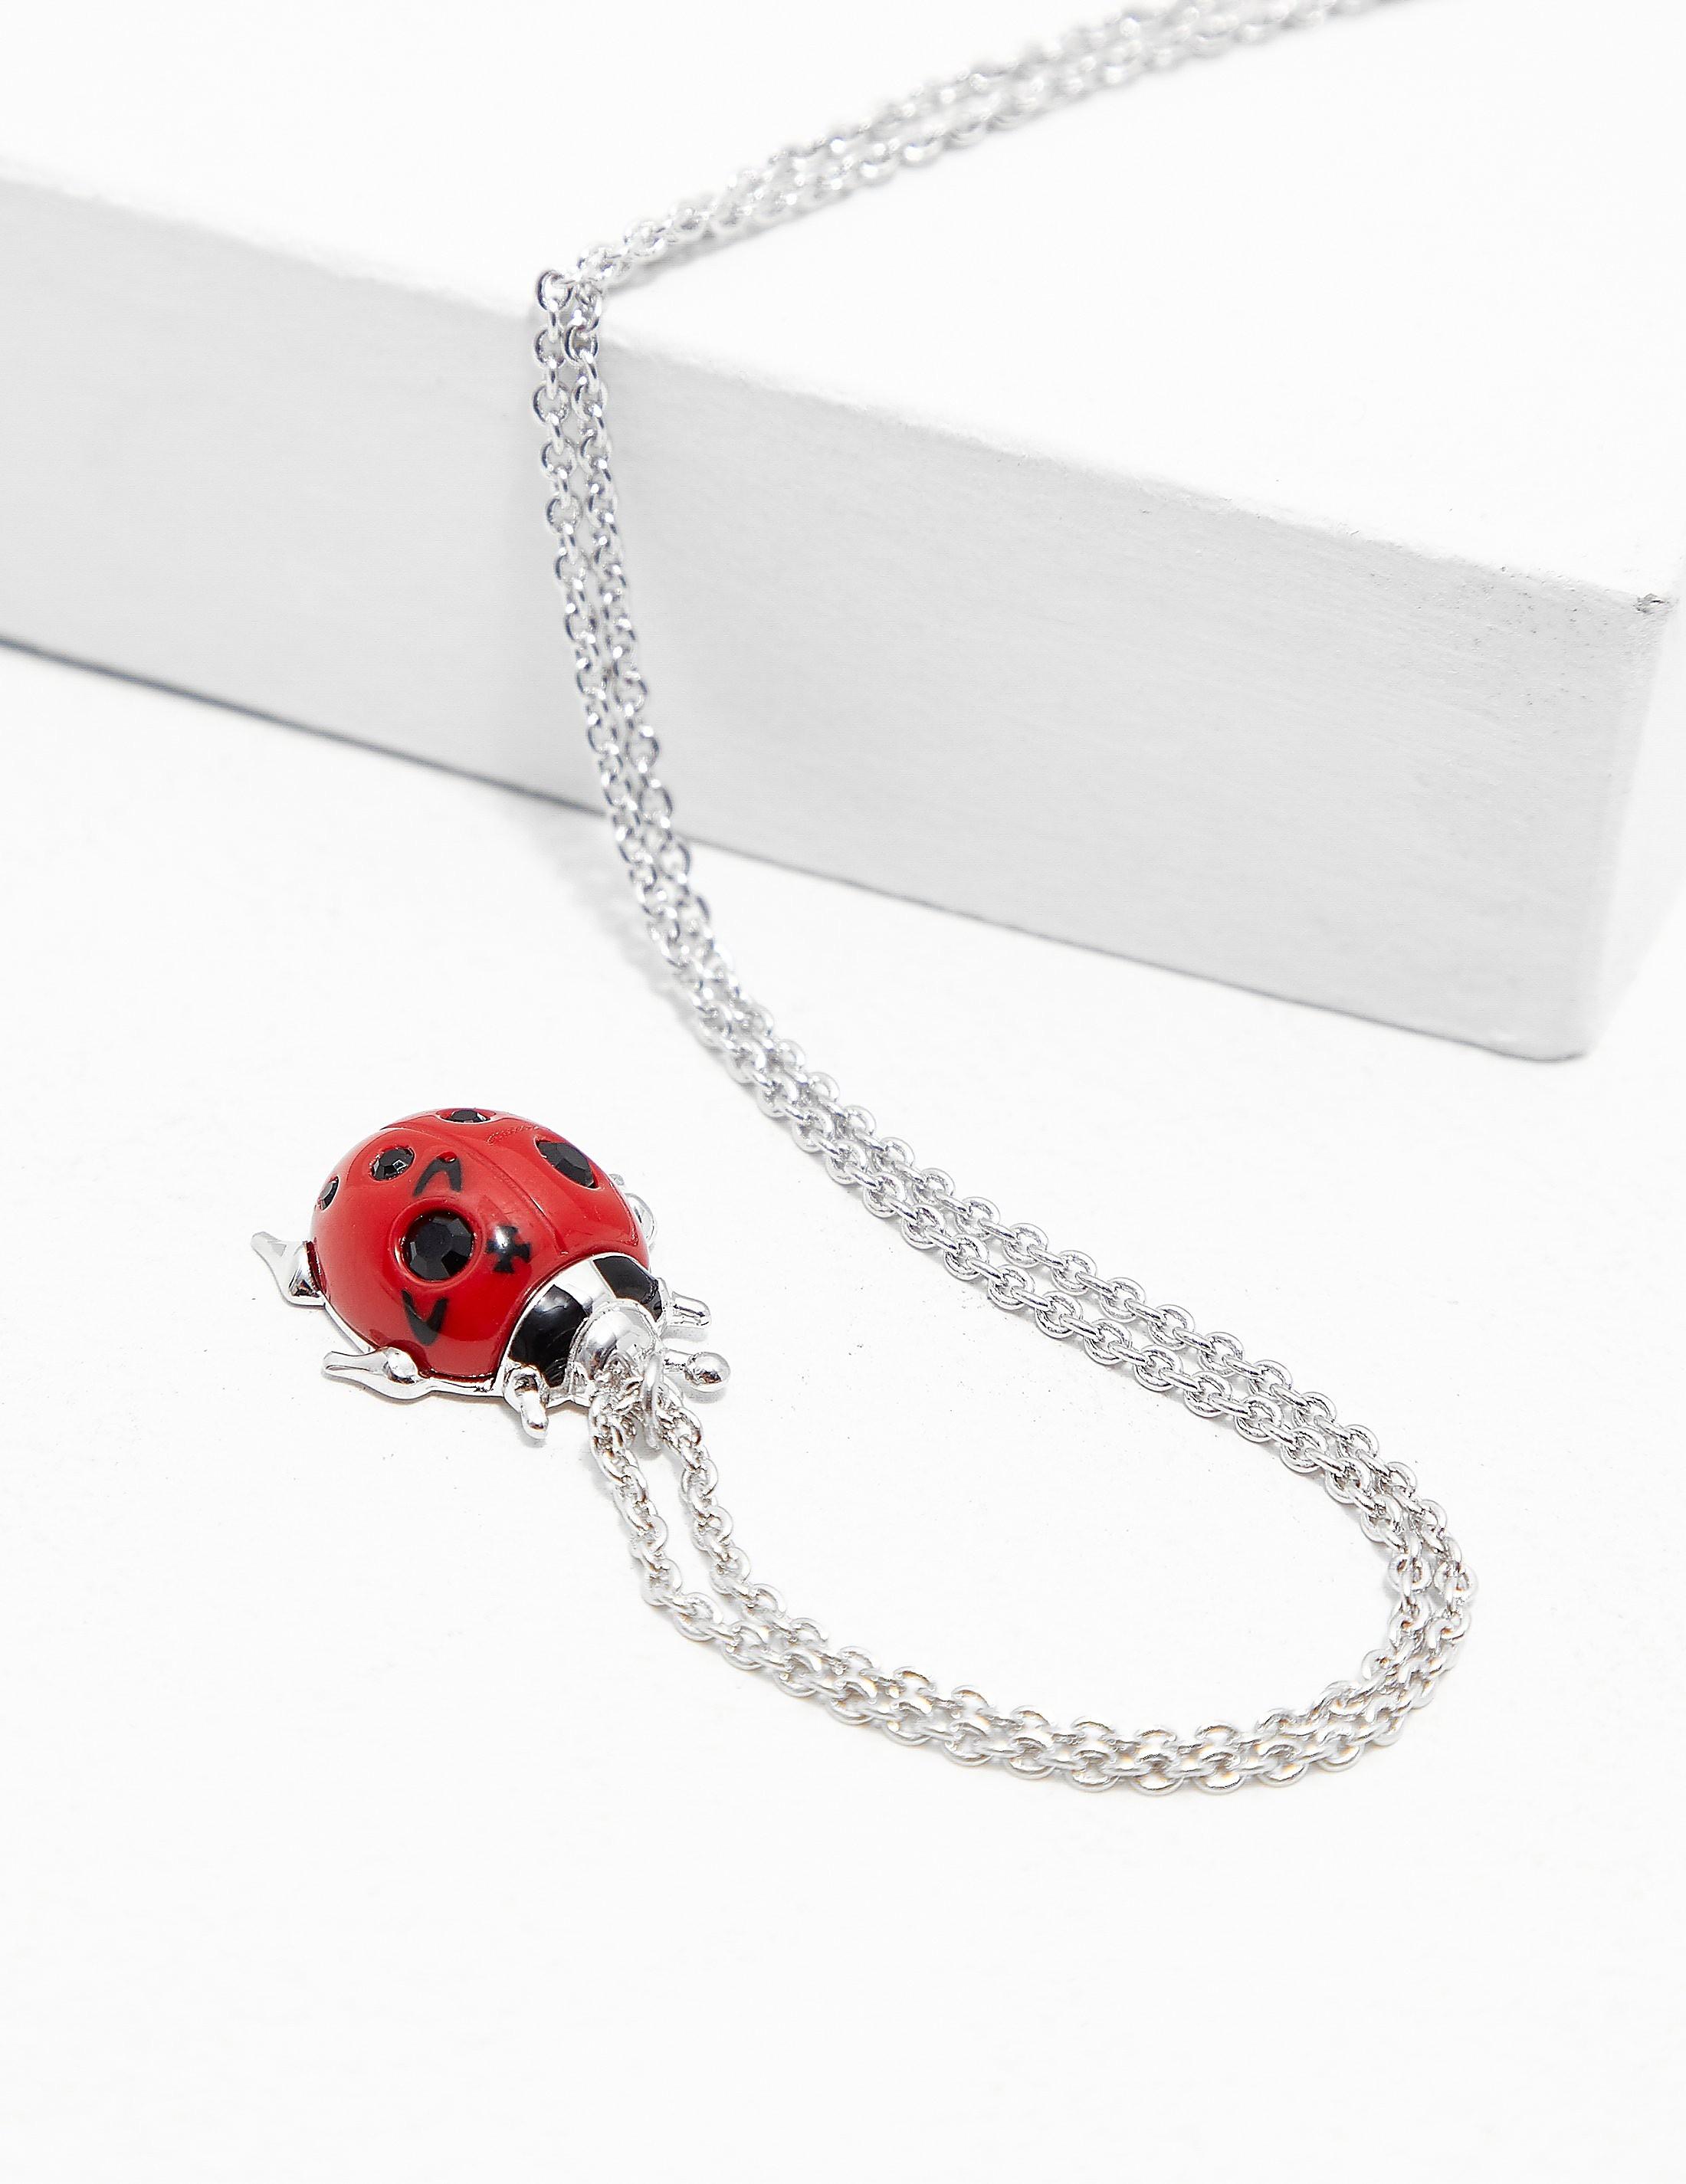 Vivienne Westwood Ladybird Necklace - Online Exclusive